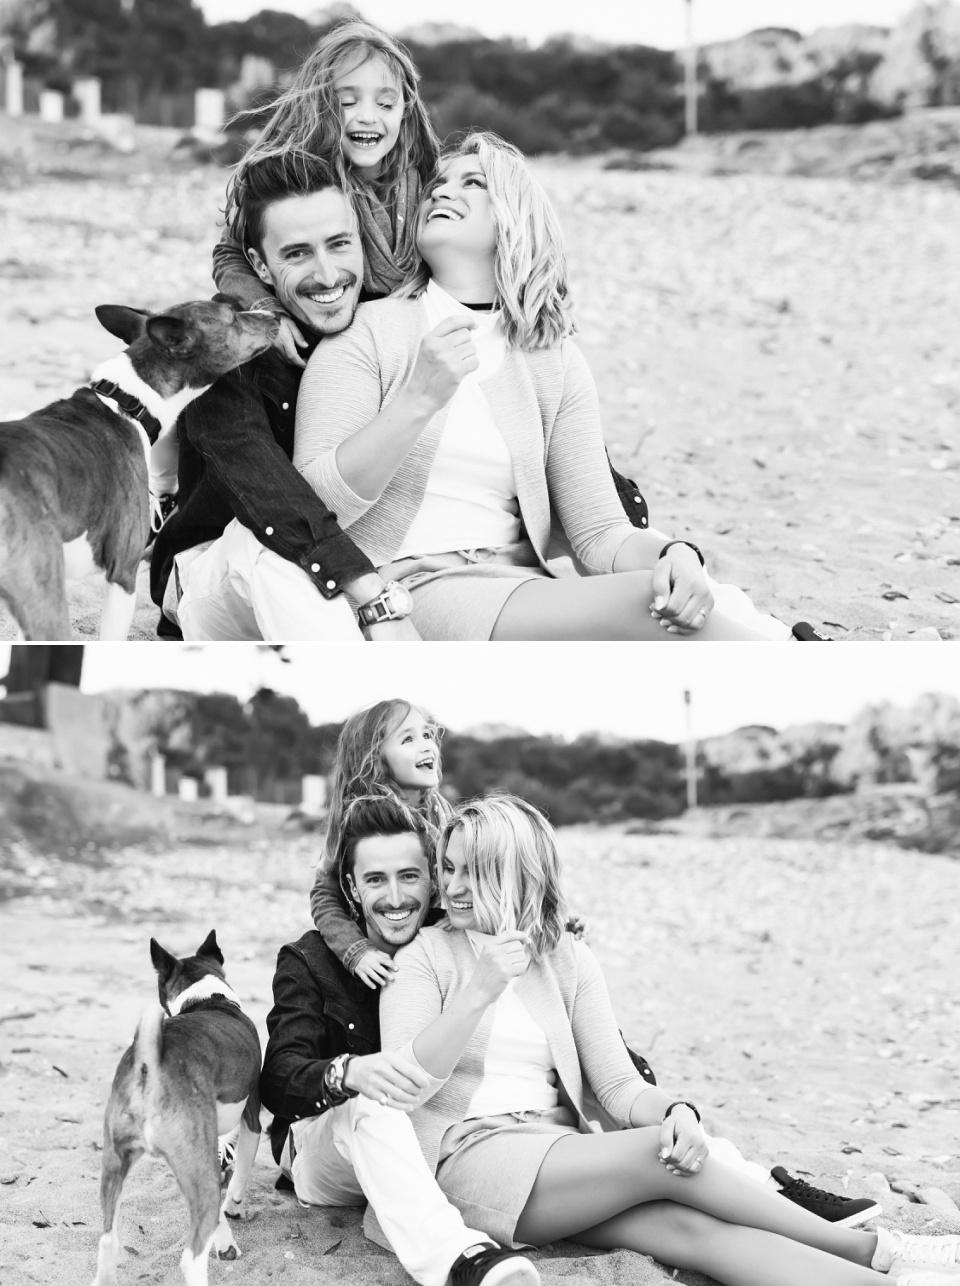 séance photo de famille avec un chien